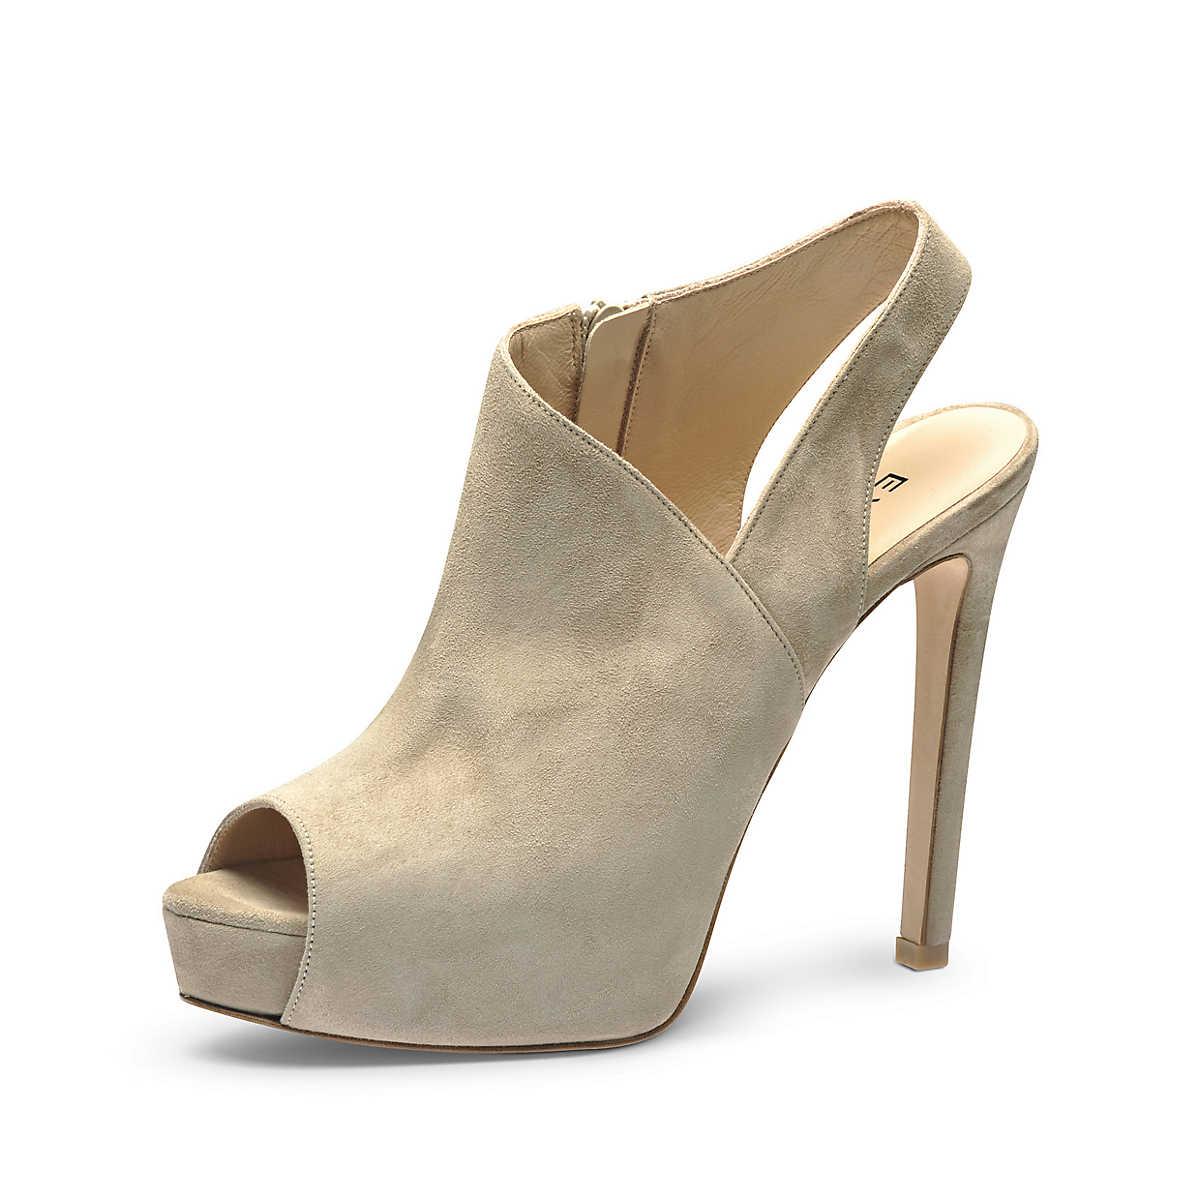 Evita Shoes Sandaletten beige - Evita Shoes - Pumps - Schuhe - mirapodo.de